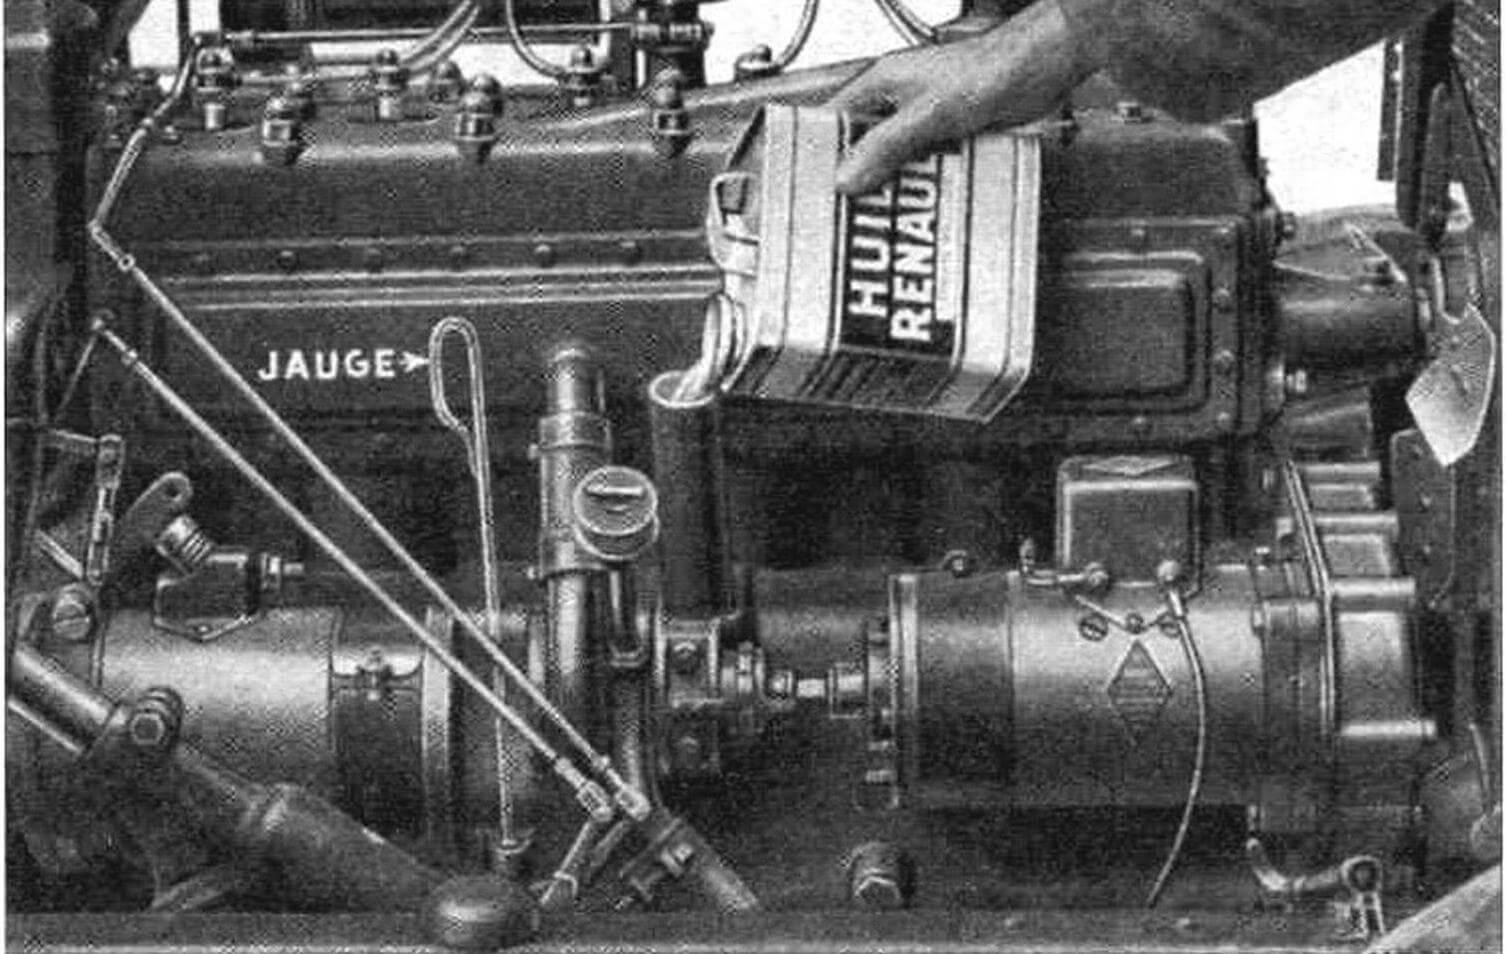 Руководство пользователя Renault Vivastella PG7 требует производить замену масла в двигателе через каждые 700 – 800 км, а после пробега 3000 км – через 2000 км. Проверка уровня масла каждые 200 – 300 км.